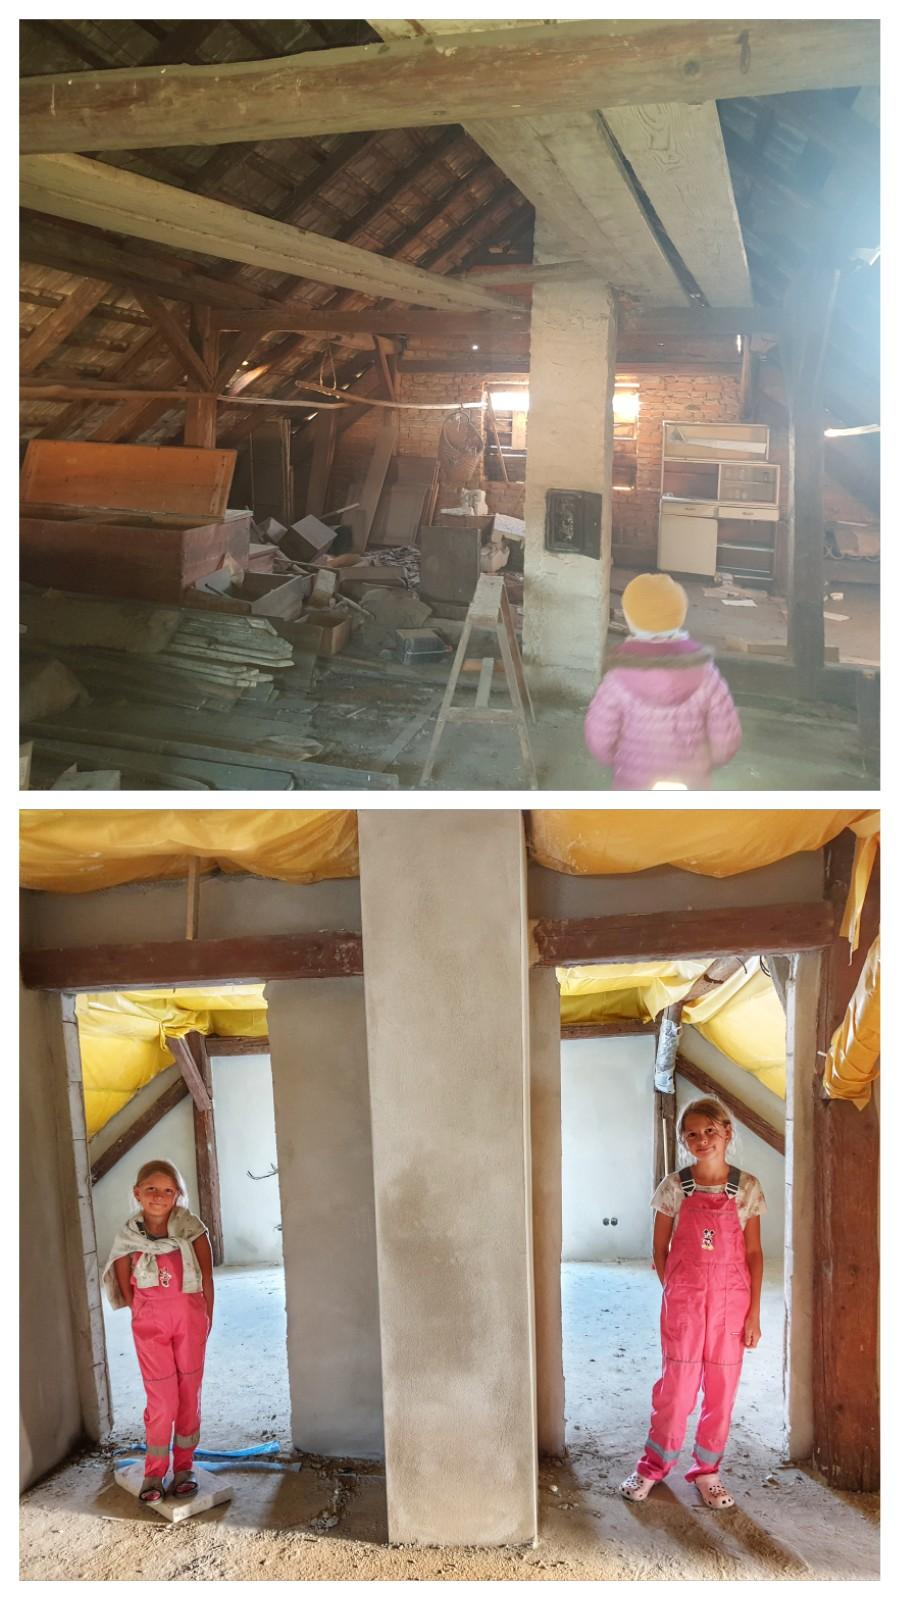 Rekonštrukcia domu-alebo chceme si splniť sen =》🏠🌻🌼🐶  mat domcek a vratit sa na Slovensko - Obrázok č. 545